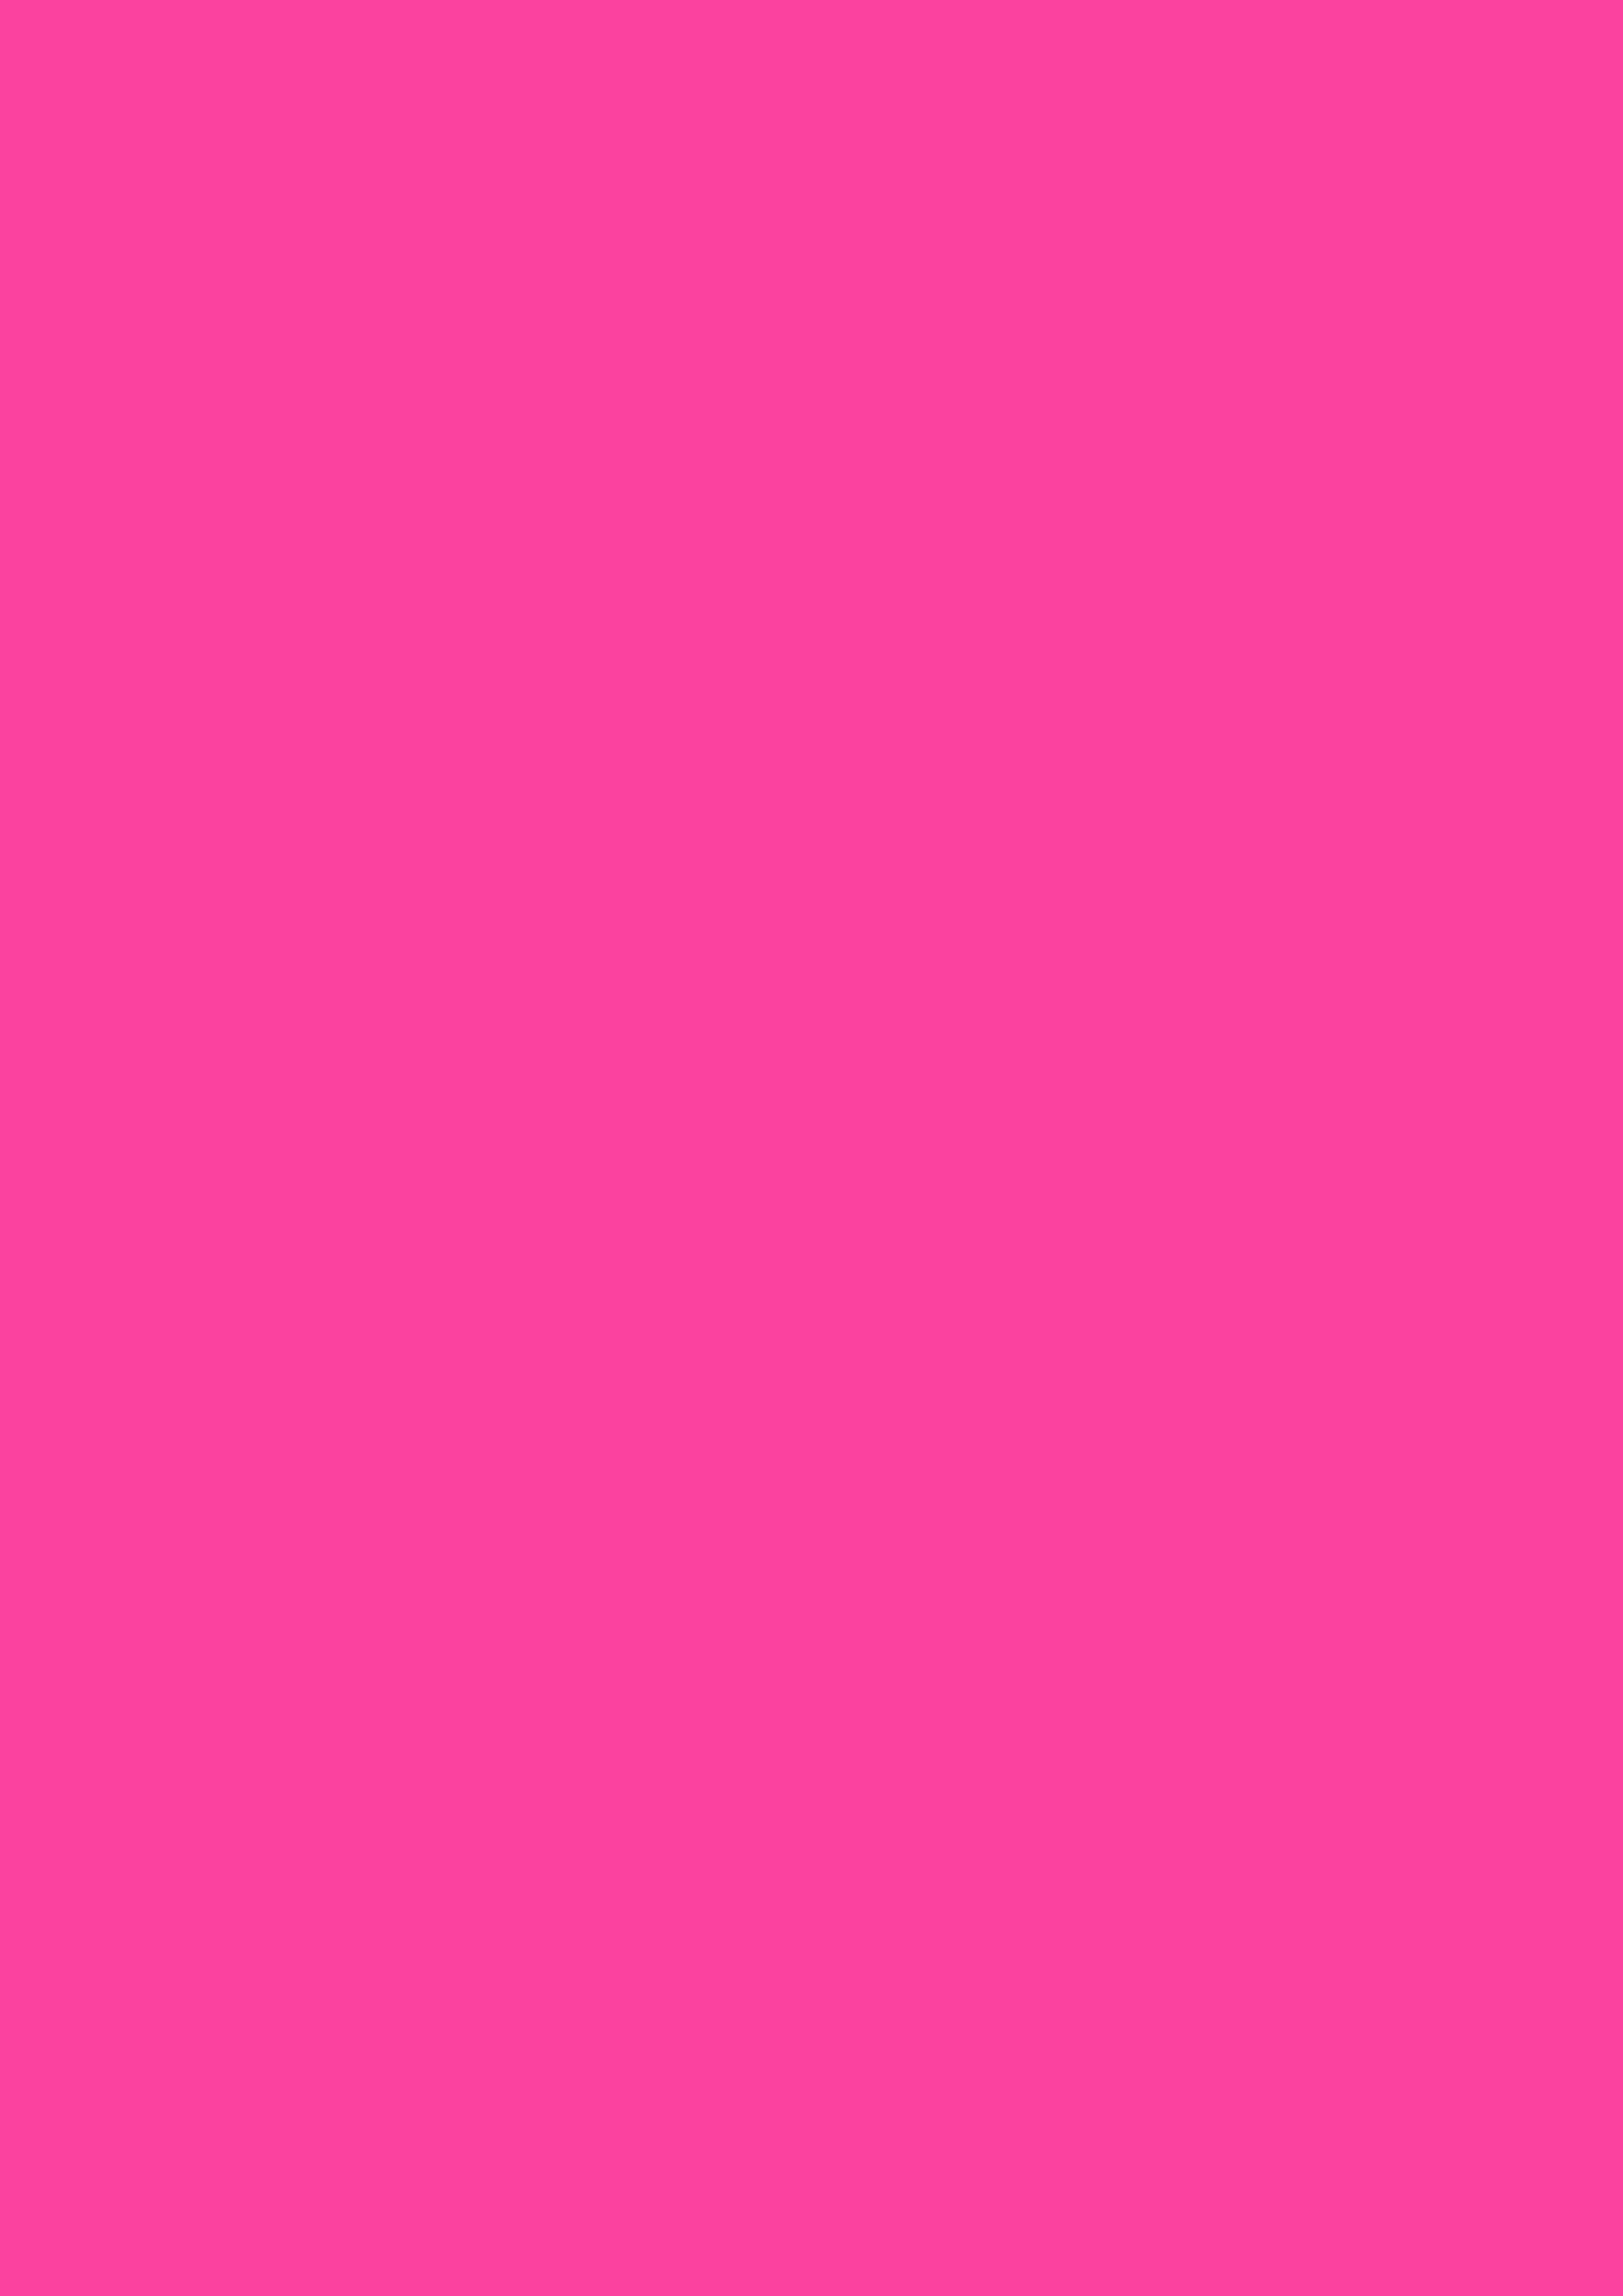 2480x3508 Rose Bonbon Solid Color Background